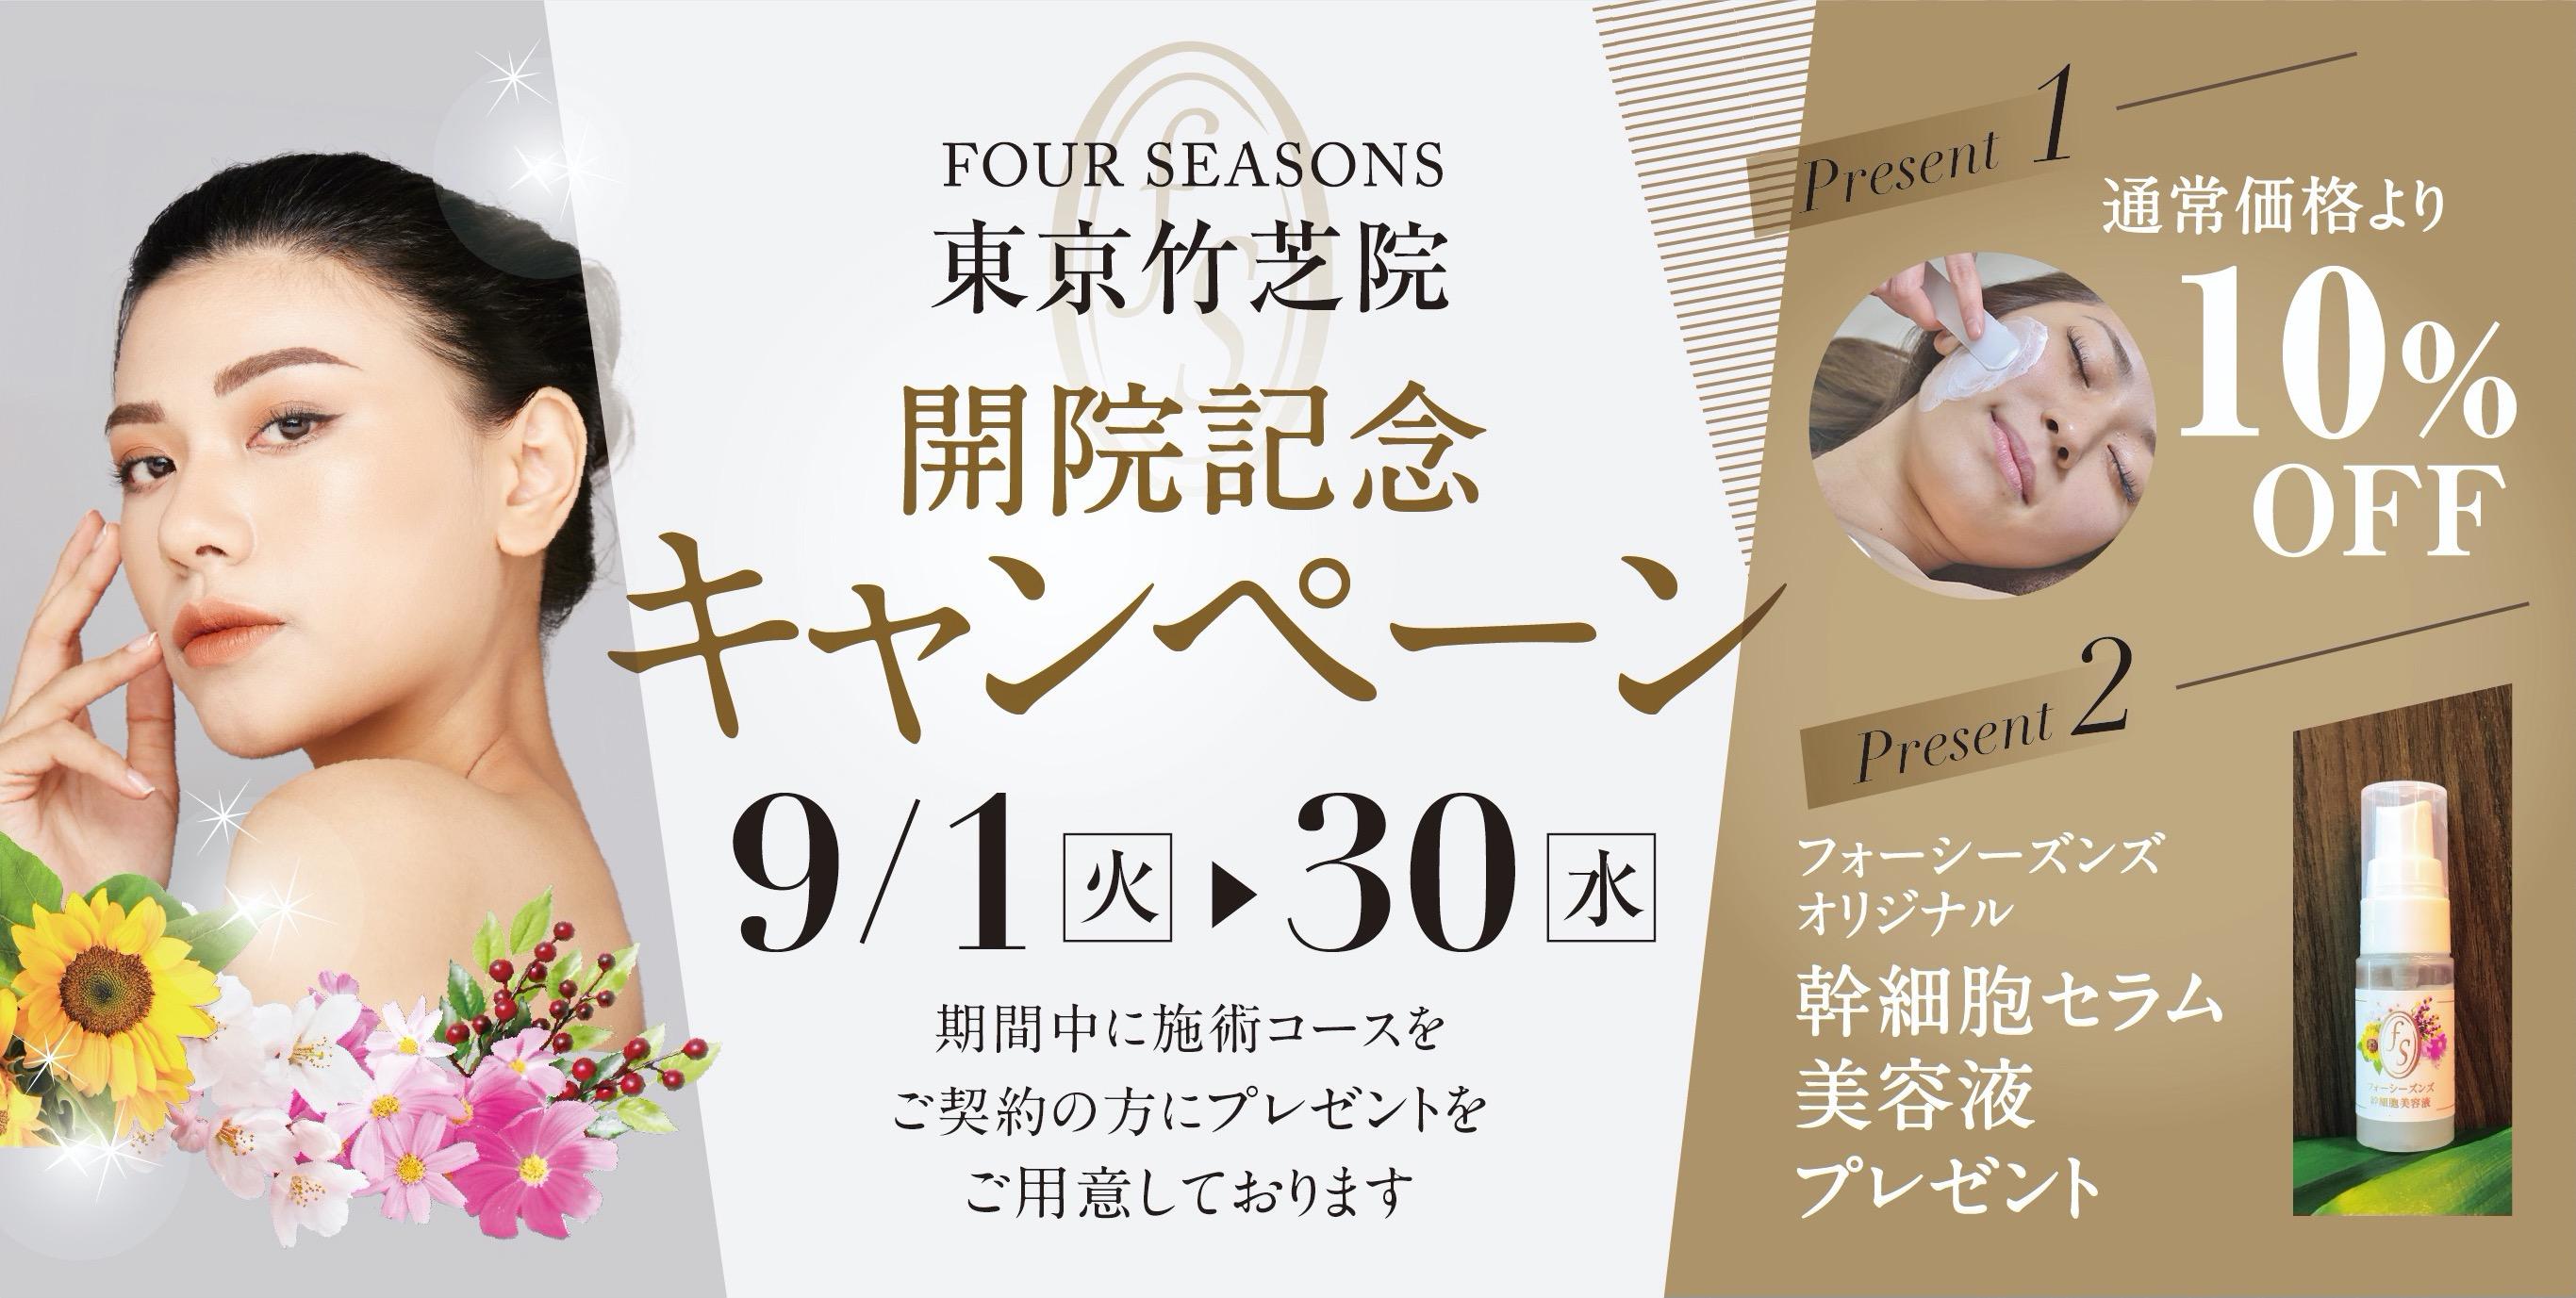 開院記念キャンペーン 9/1(火)〜9/30(水)